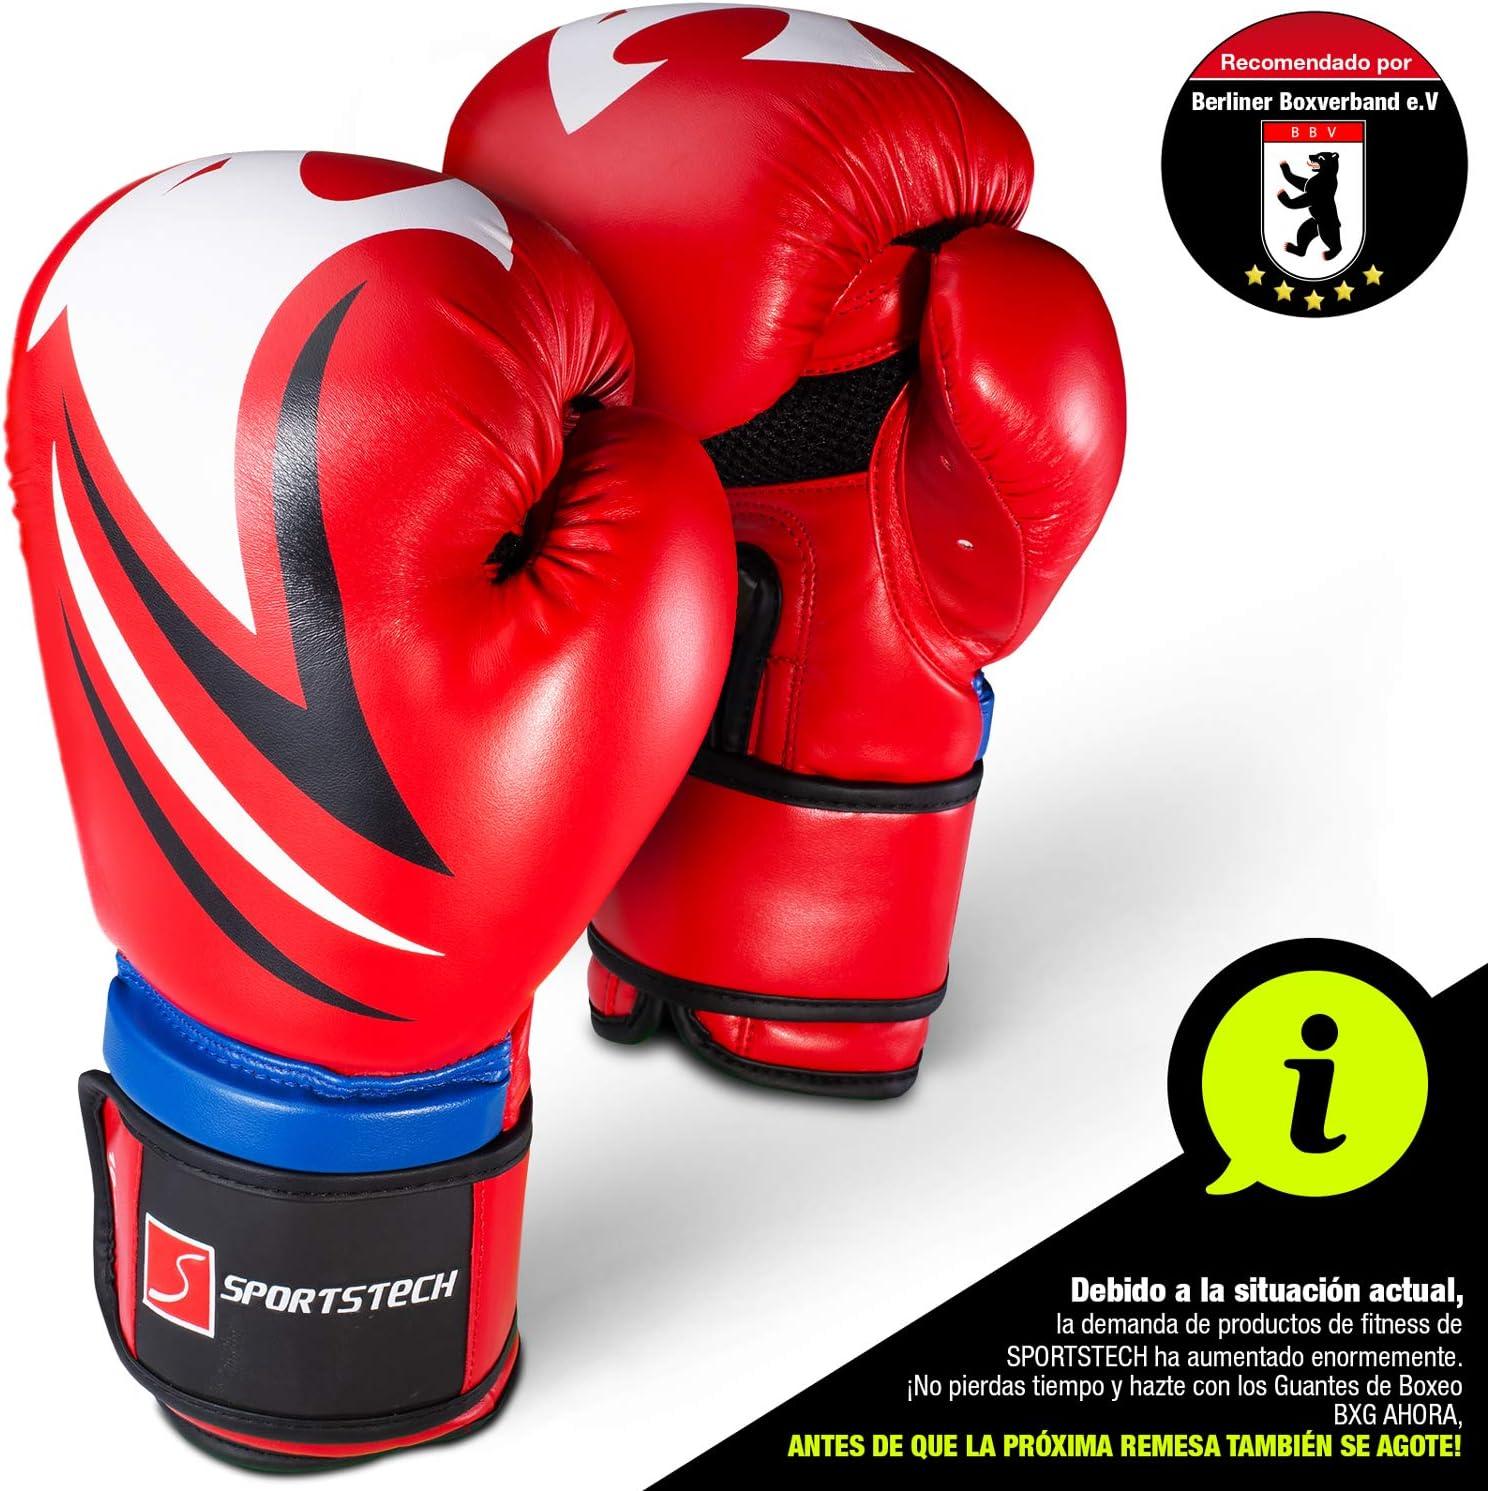 Sportstech BXG Guantes de Boxeo Profesionales; Amortiguación y fijación de muñeca desarrollados por Sporstech. Ideal para Kickboxing, MMA, Boxeo y Saco de Boxeo. Incluye Vendas de Boxeo: Amazon.es: Deportes y aire libre